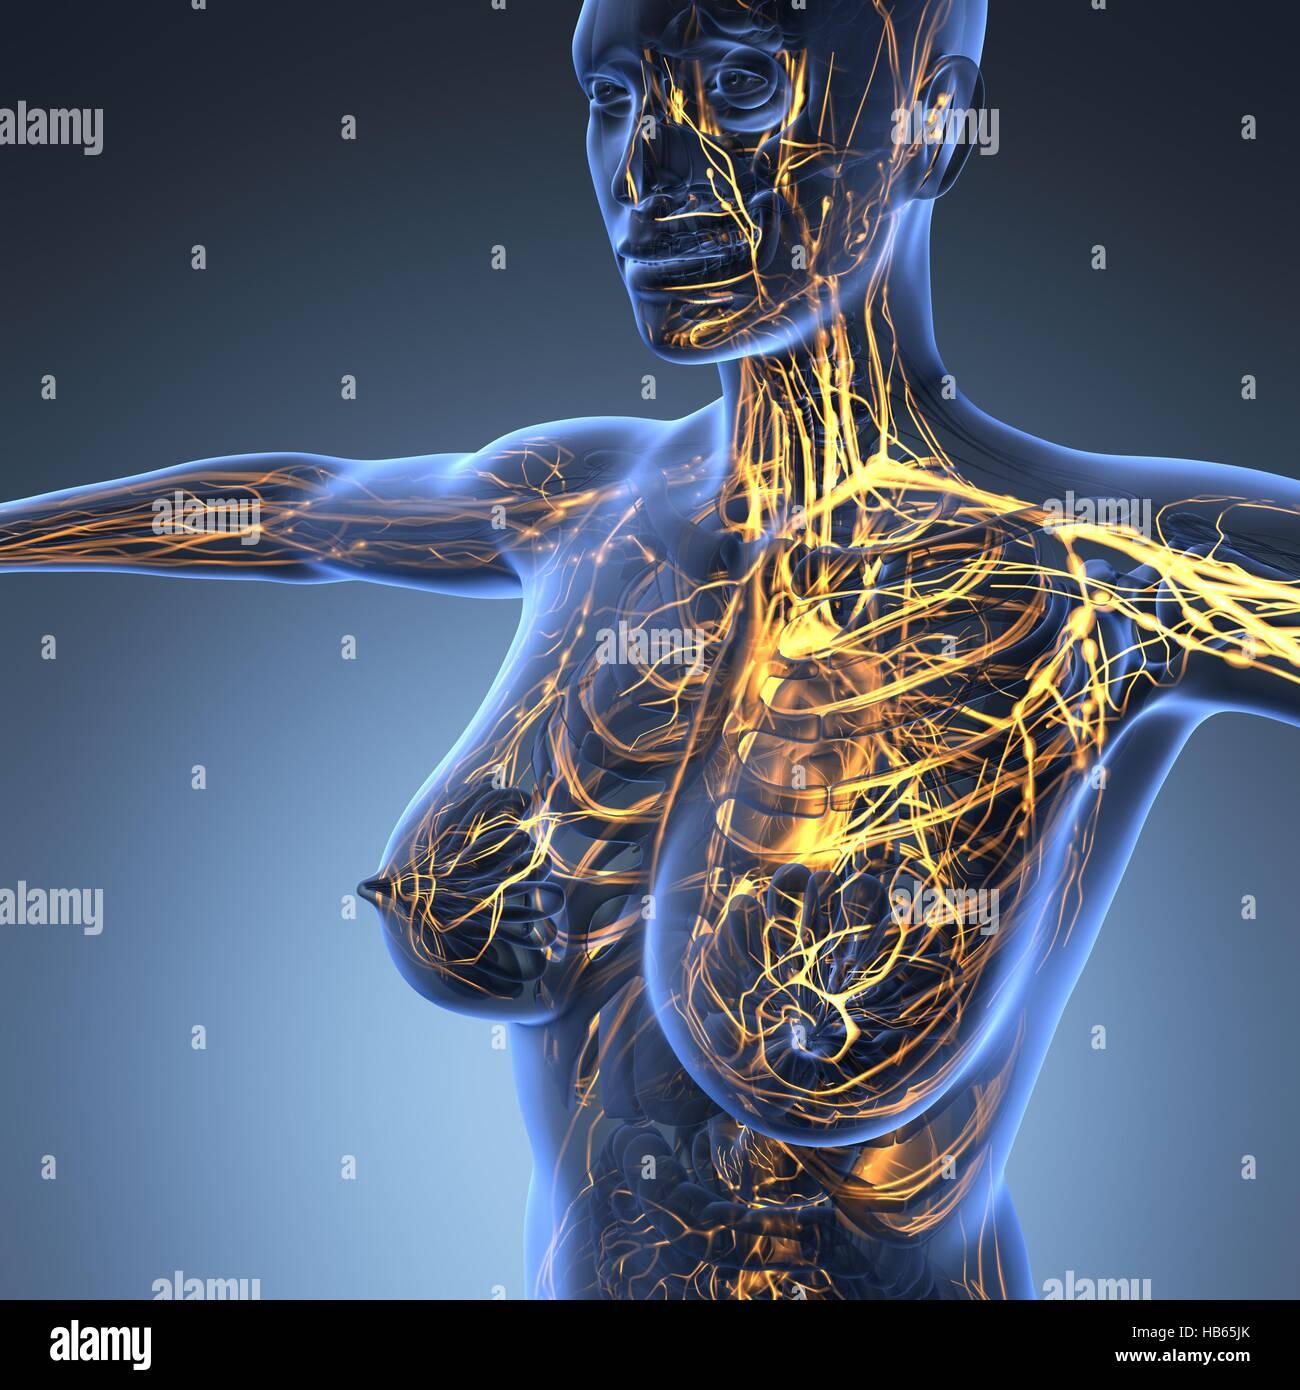 Heart X Ray Stockfotos & Heart X Ray Bilder - Alamy